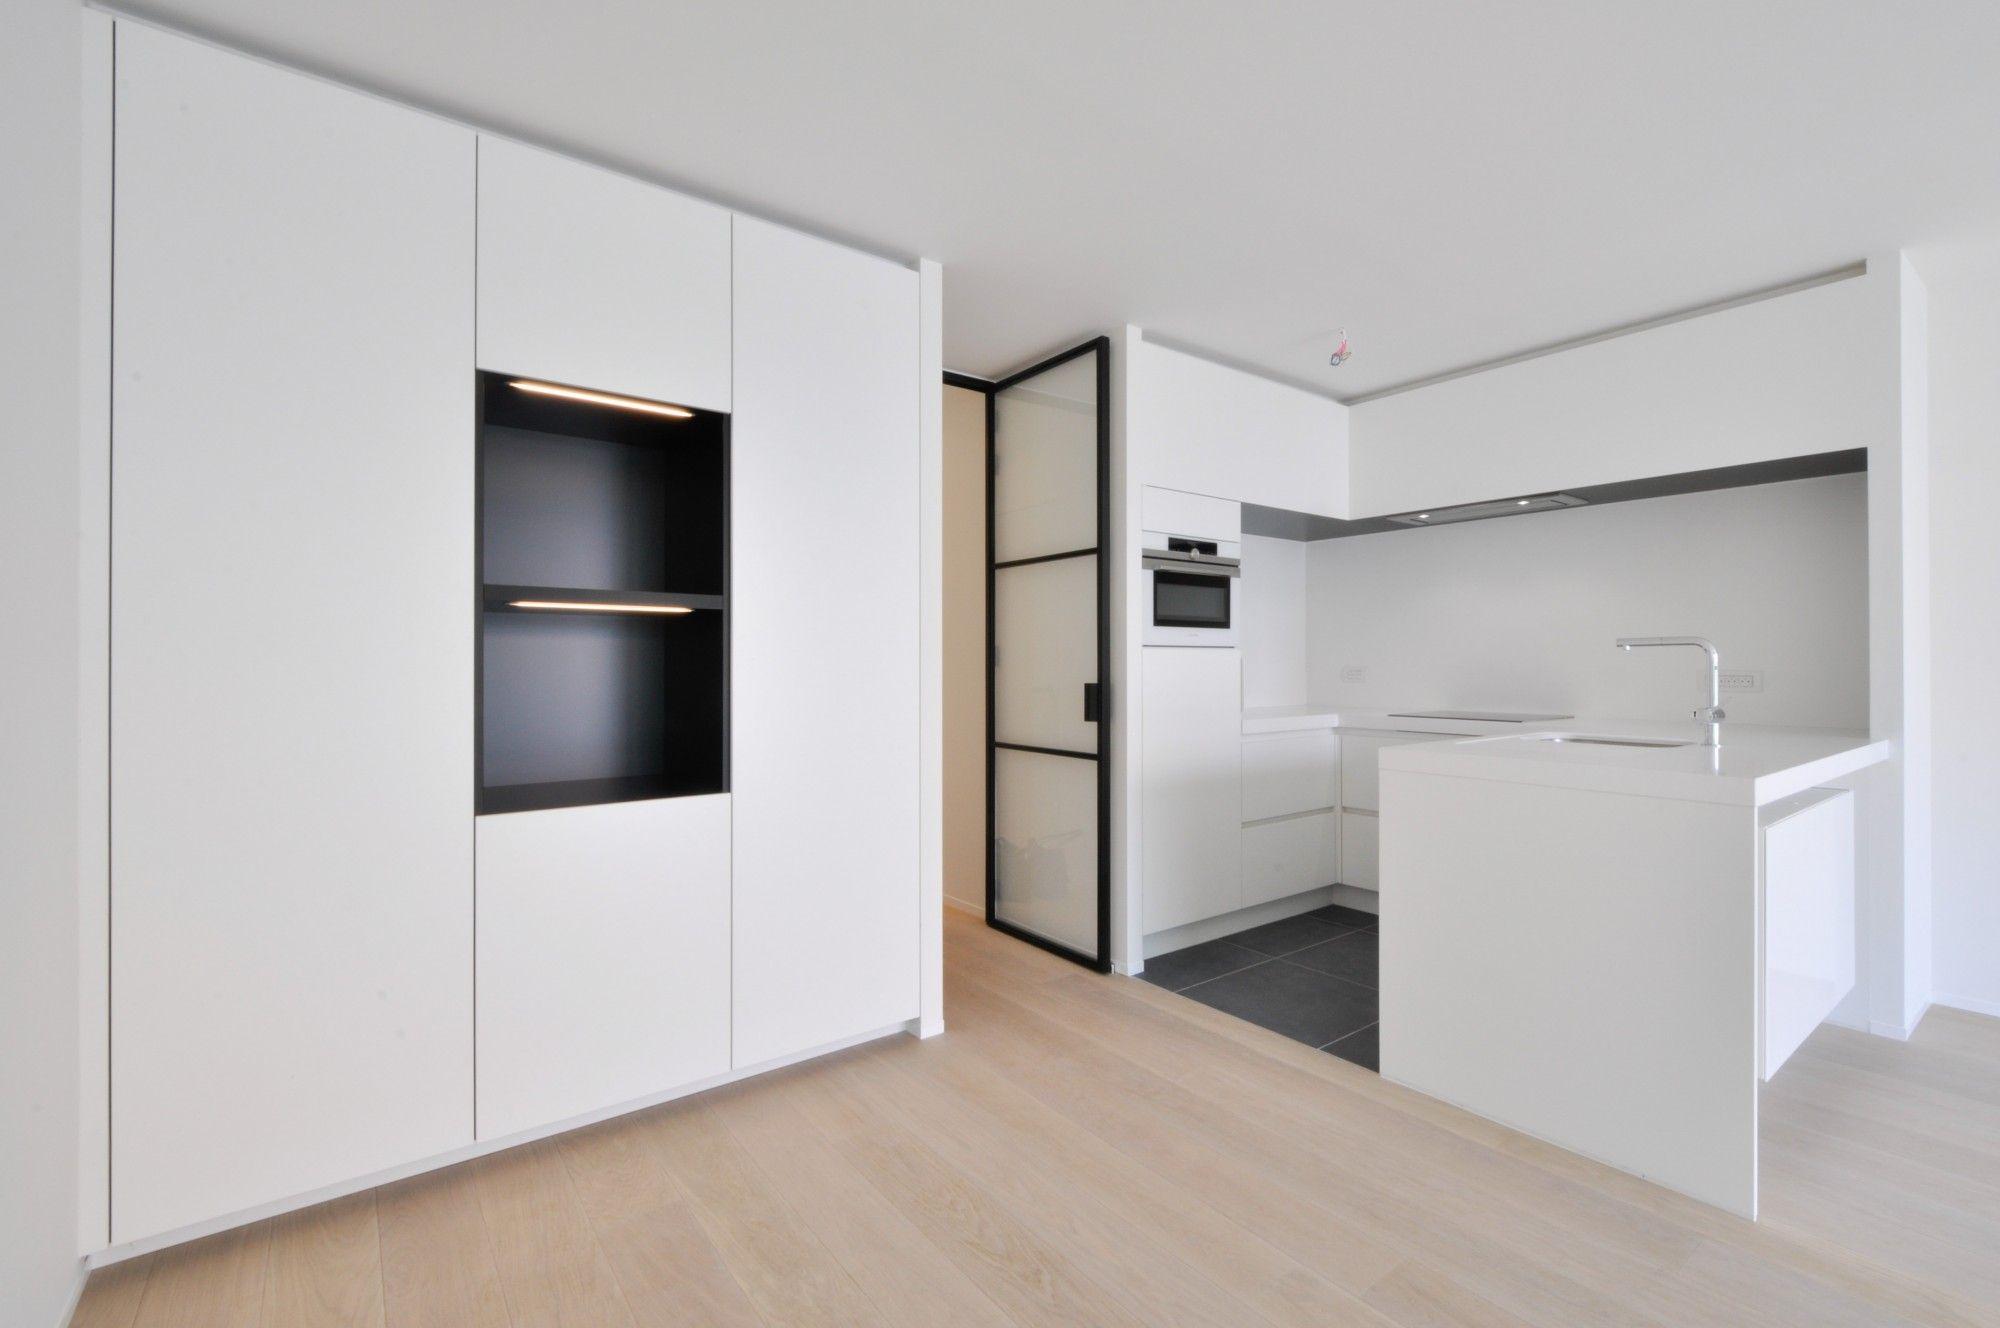 Verkoop Appartement 2 Slpk Knokke Heist Nieuwbouw Parmentierlaan Res Fuse Appartement Appartement Interieur Studio Inrichten